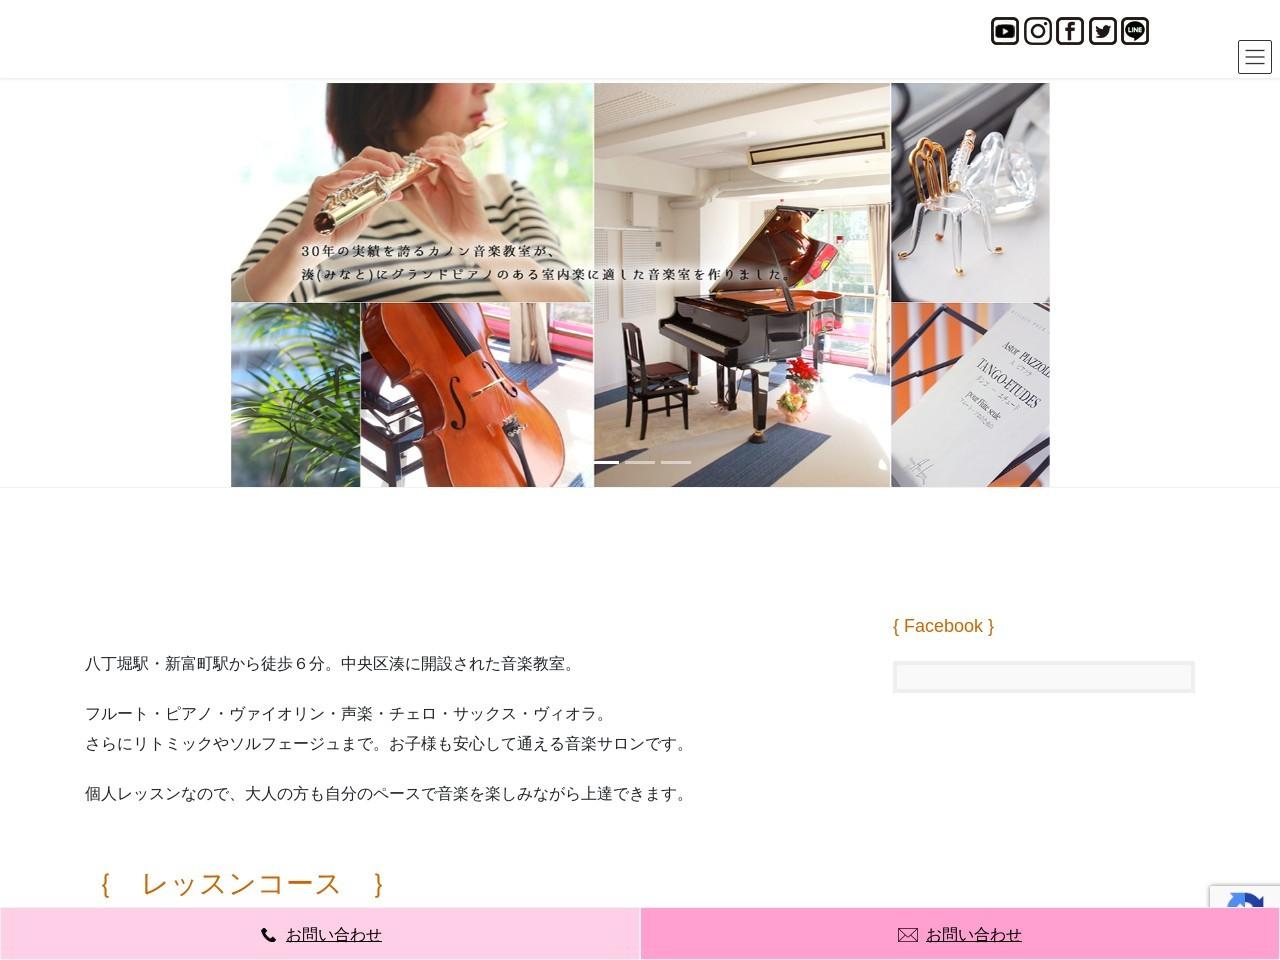 カノン音楽教室のサムネイル